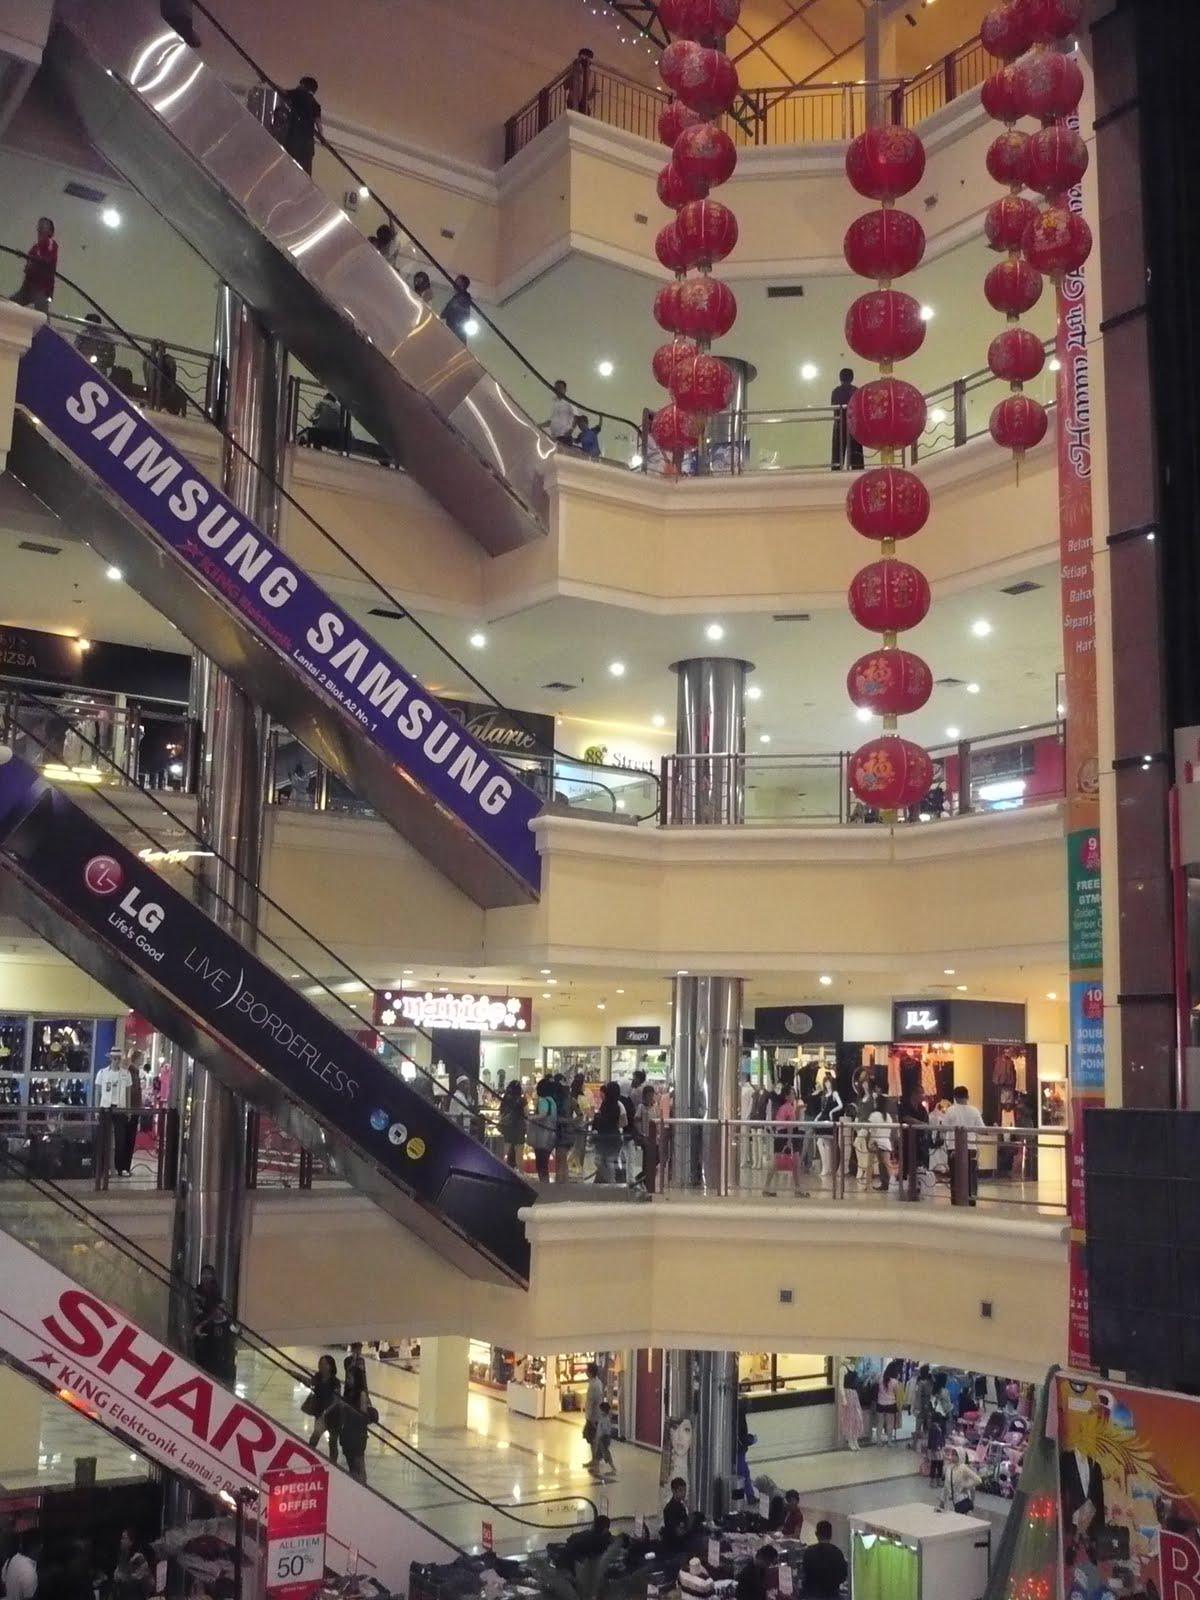 Jadwal Film 21 Bengkulu Hari Ini : jadwal, bengkulu, Alice, Travelogue:, Batam, Indonesia, Shopping, (Batam, Square)